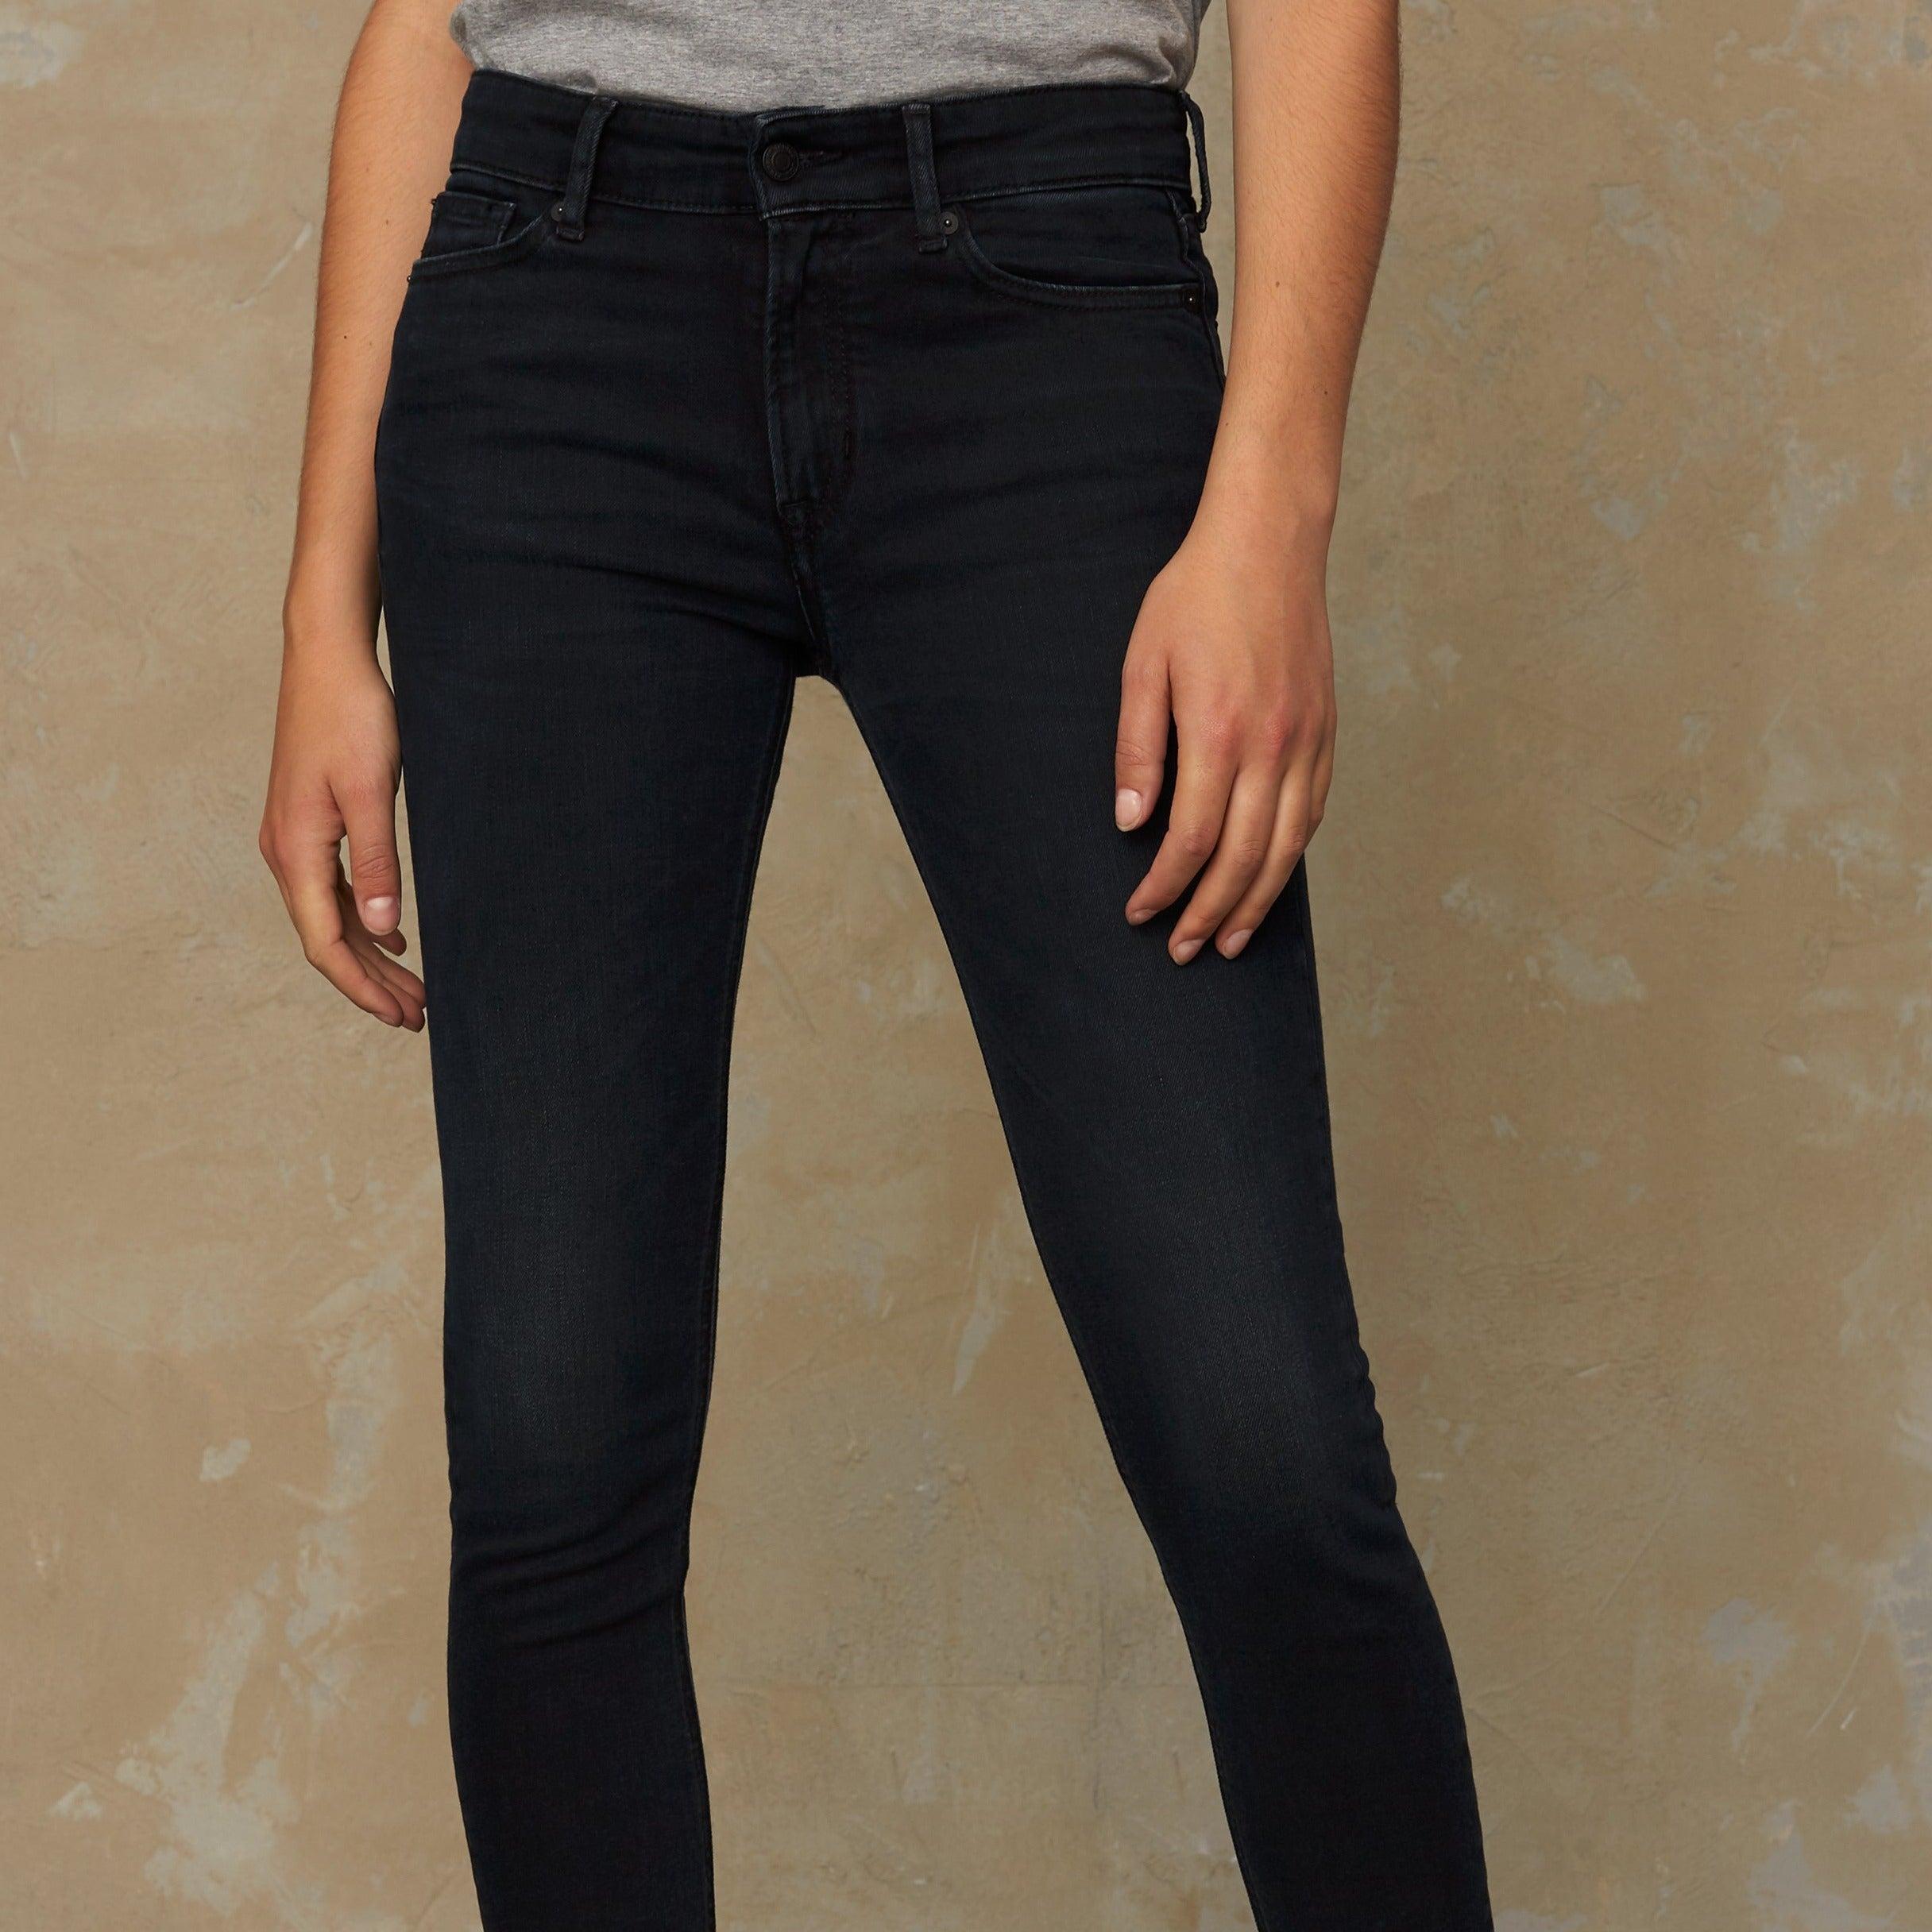 Kings of Indigo Juno High Slim Fit Jeans Blue Black Worn